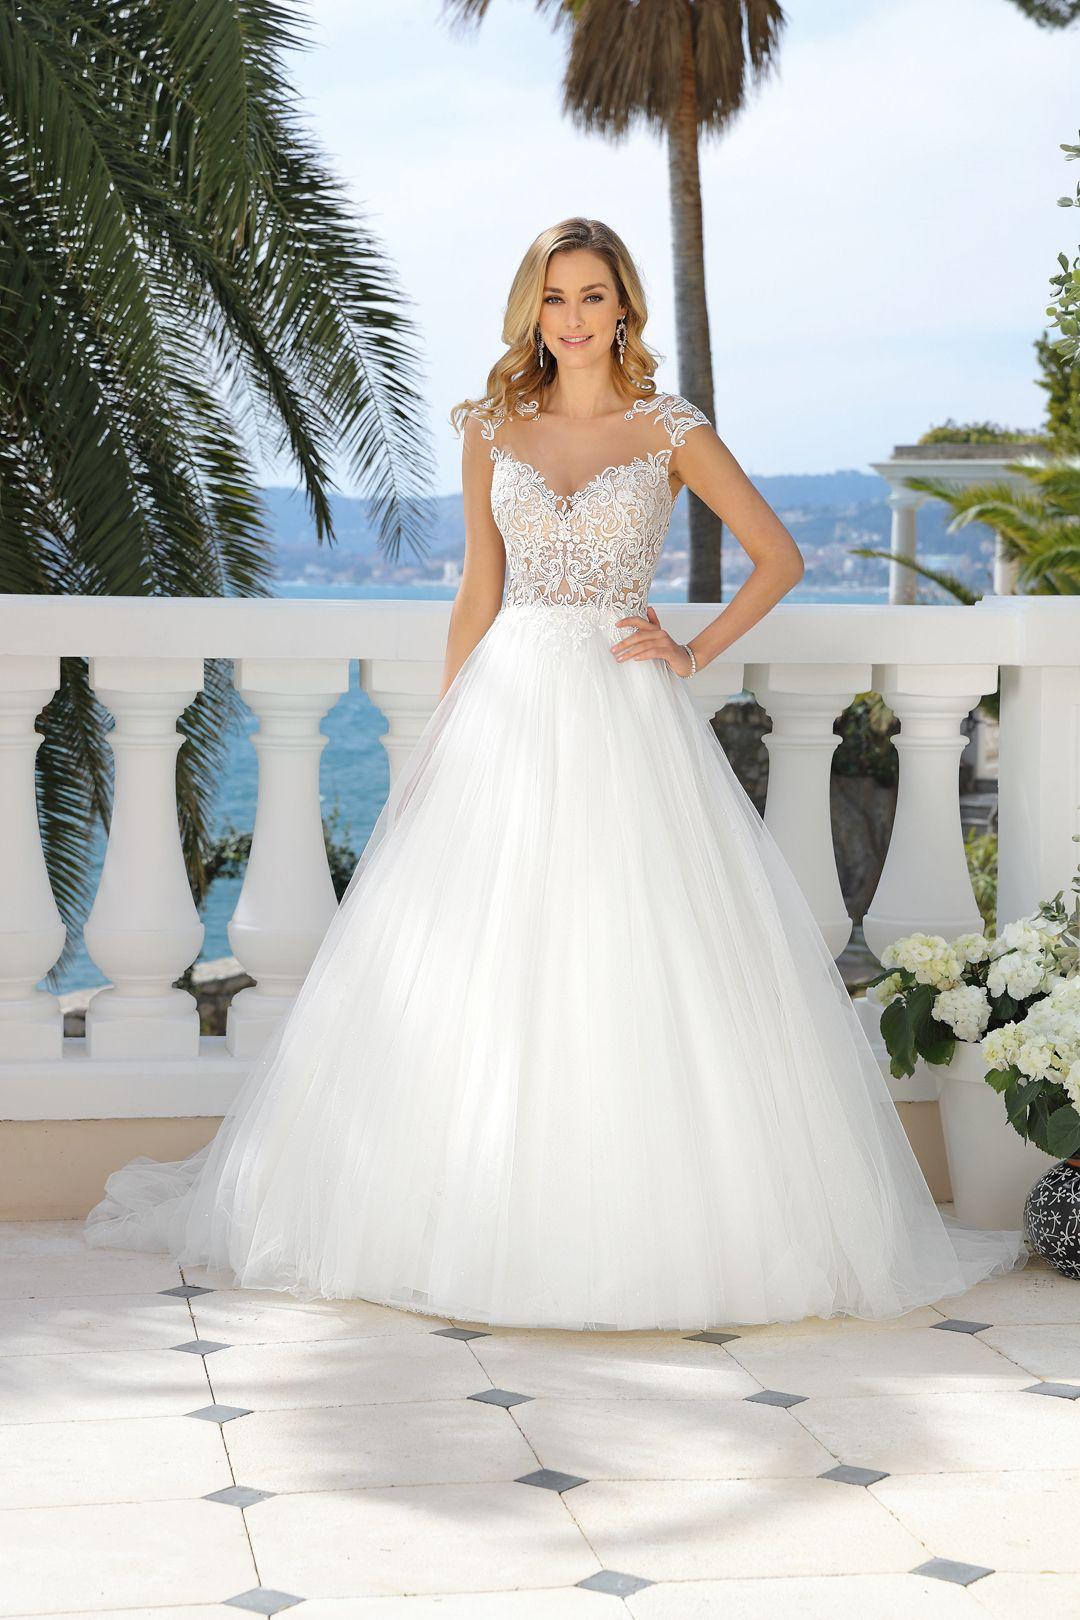 Ladybird 2019 Brautkleid 319053 Kleider Hochzeit Braut Brautkleid Prinzessin